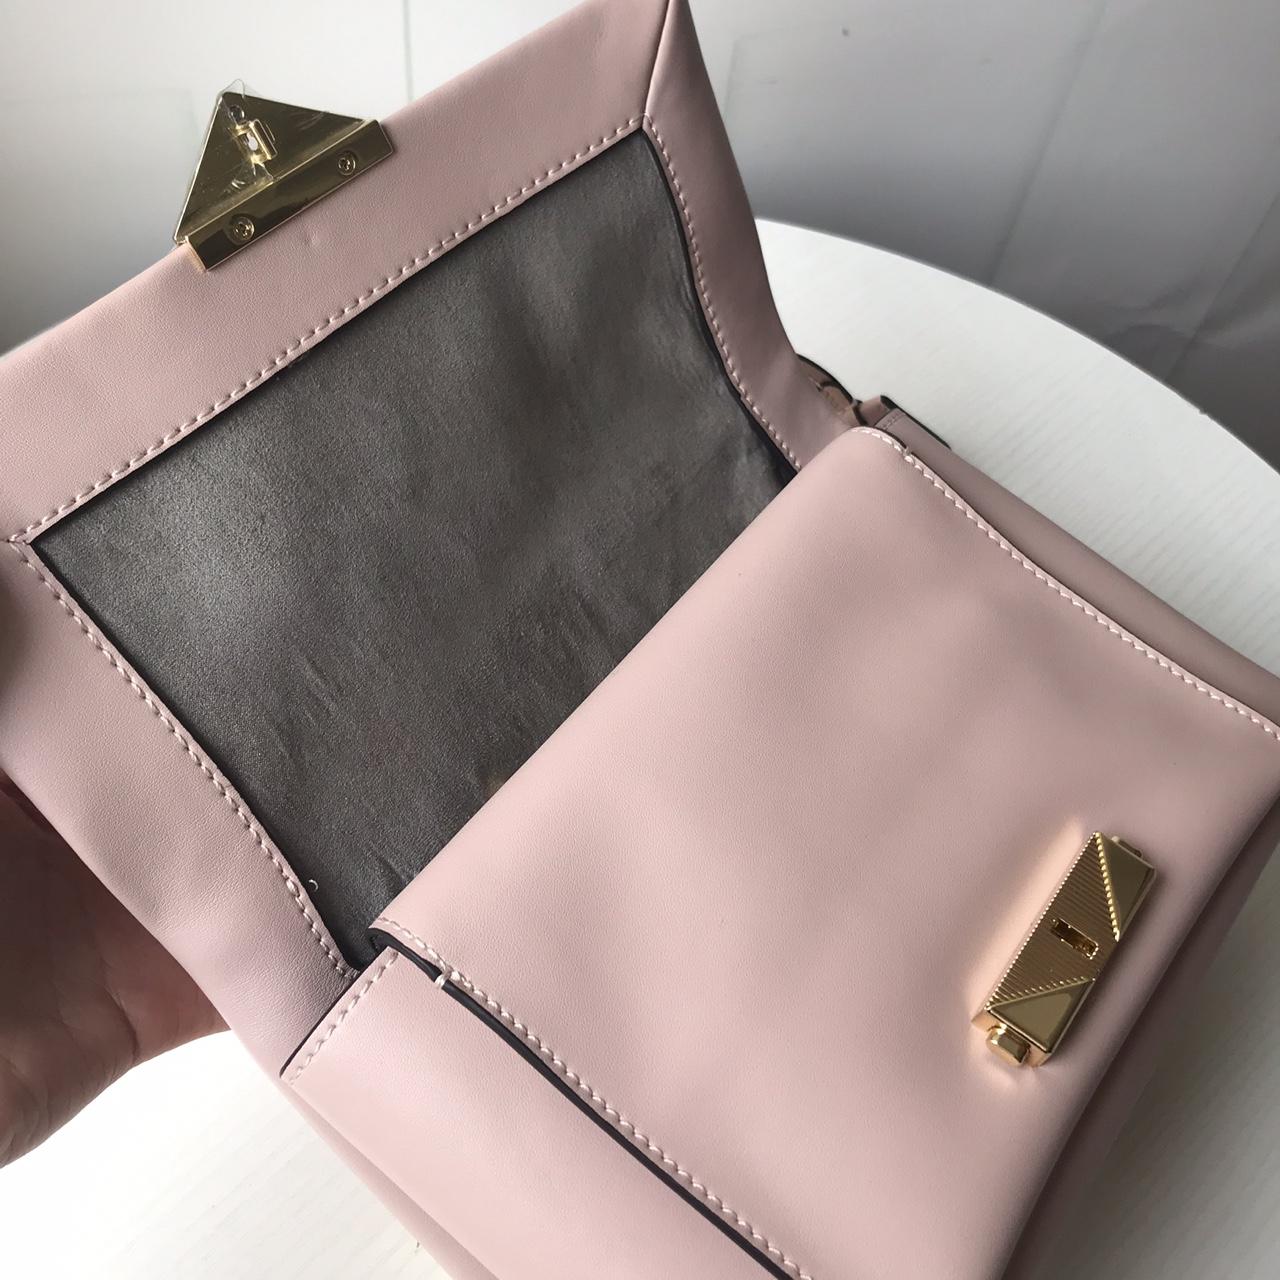 MK包包价格 迈克高仕2019杨幂同款新款Cece纳帕牛皮女包单肩斜挎包 粉色